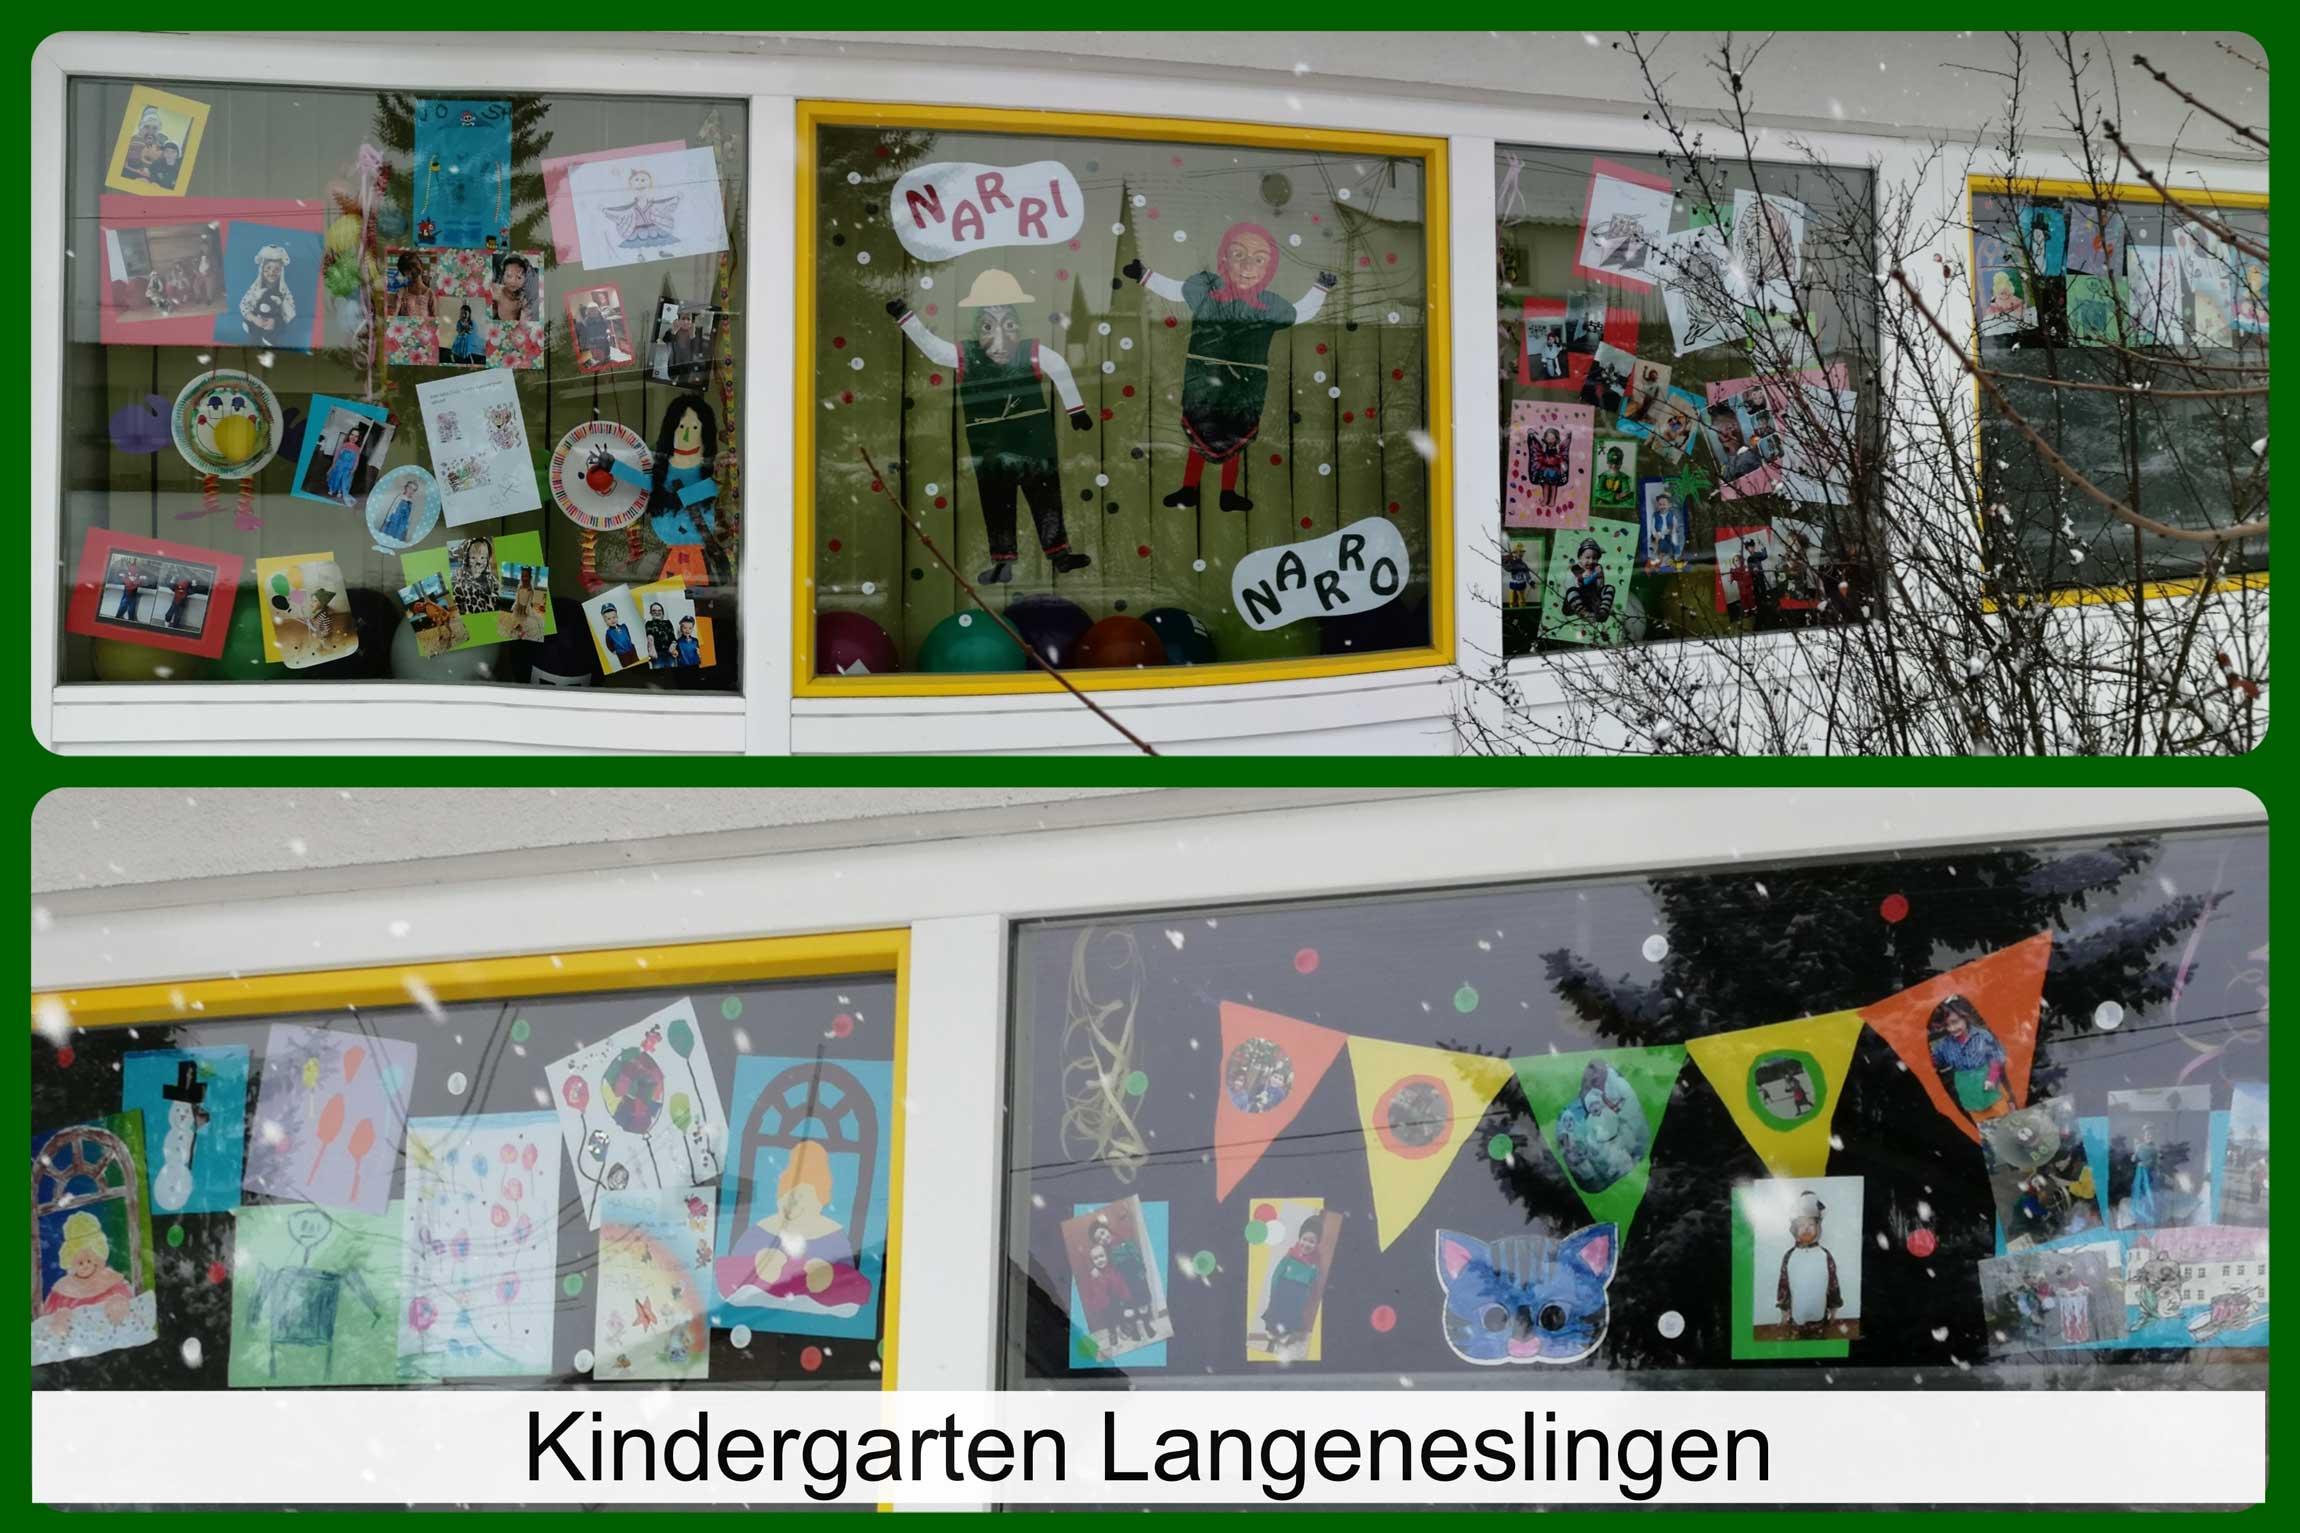 Kindergarten-Langenenslingen